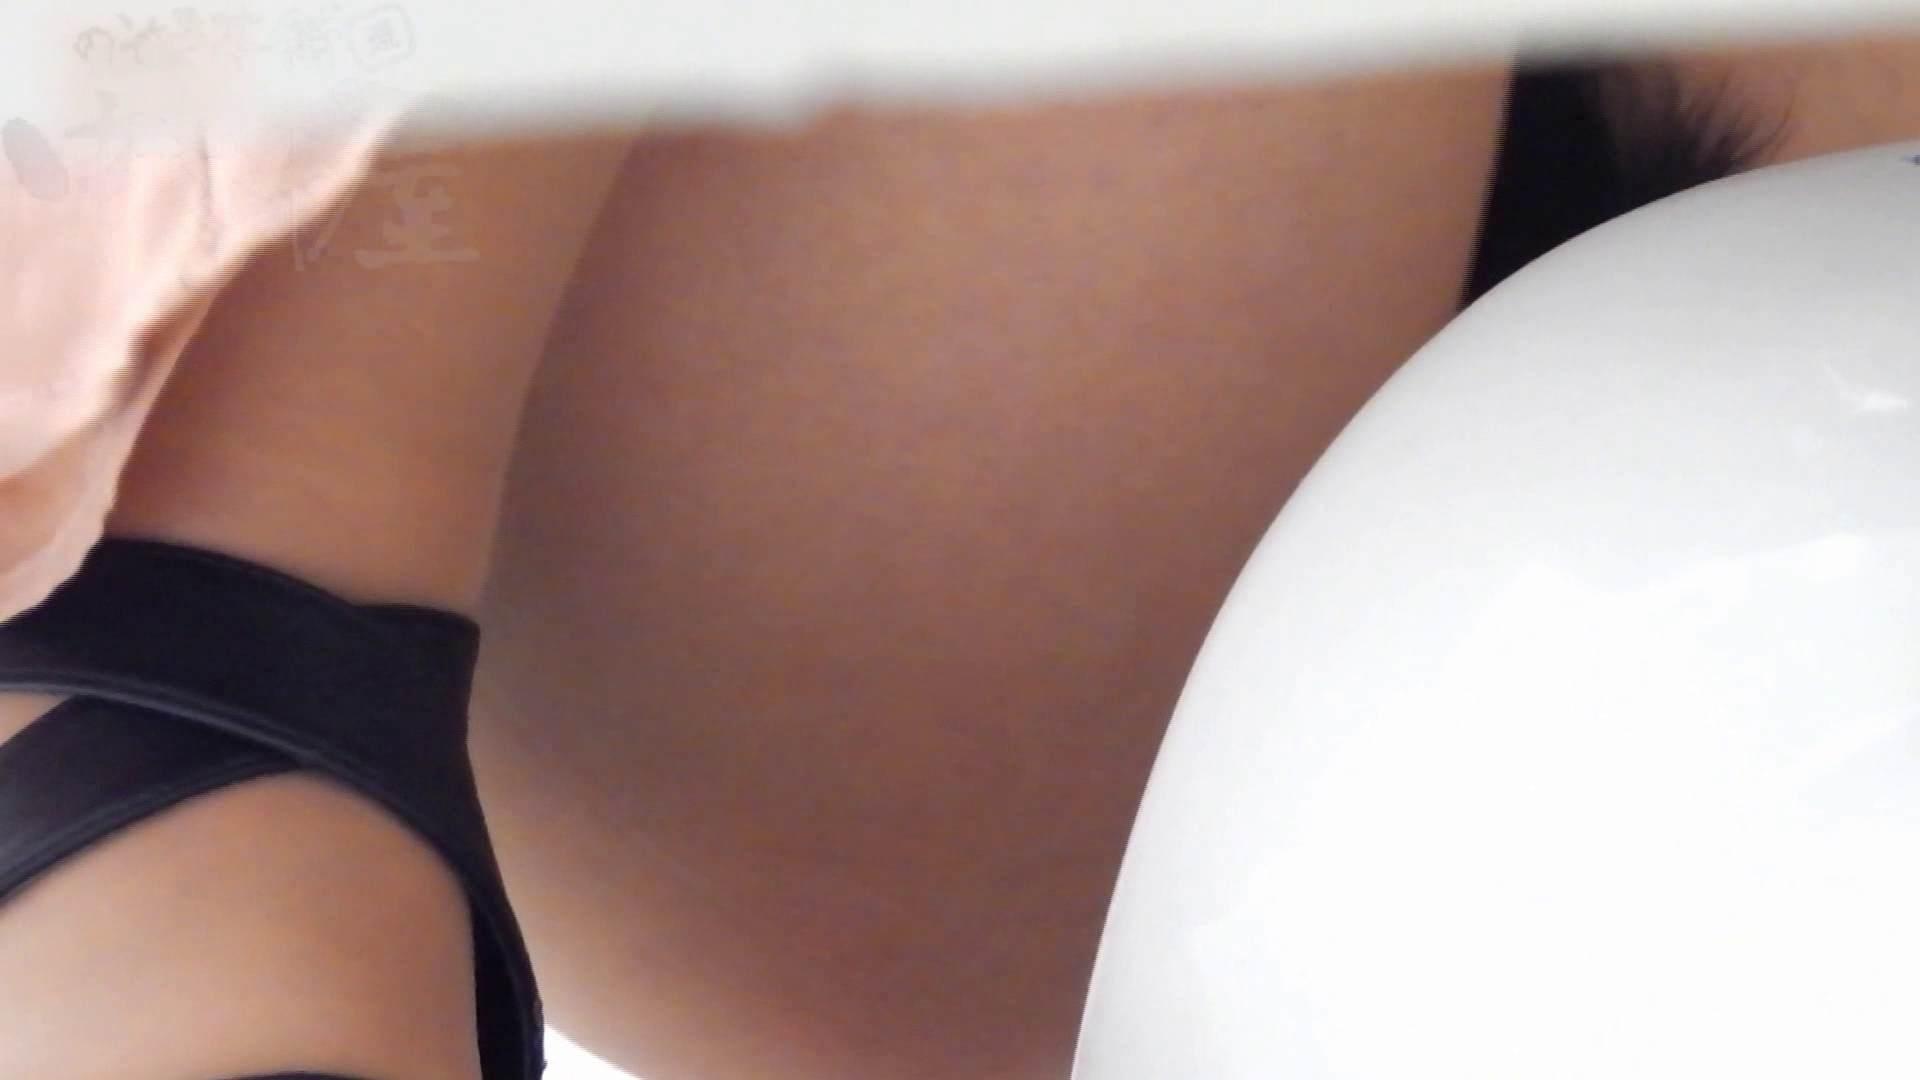 美しい日本の未来 No.29 豹柄サンダルはイ更●気味??? 盗撮 隠し撮りオマンコ動画紹介 111連発 74